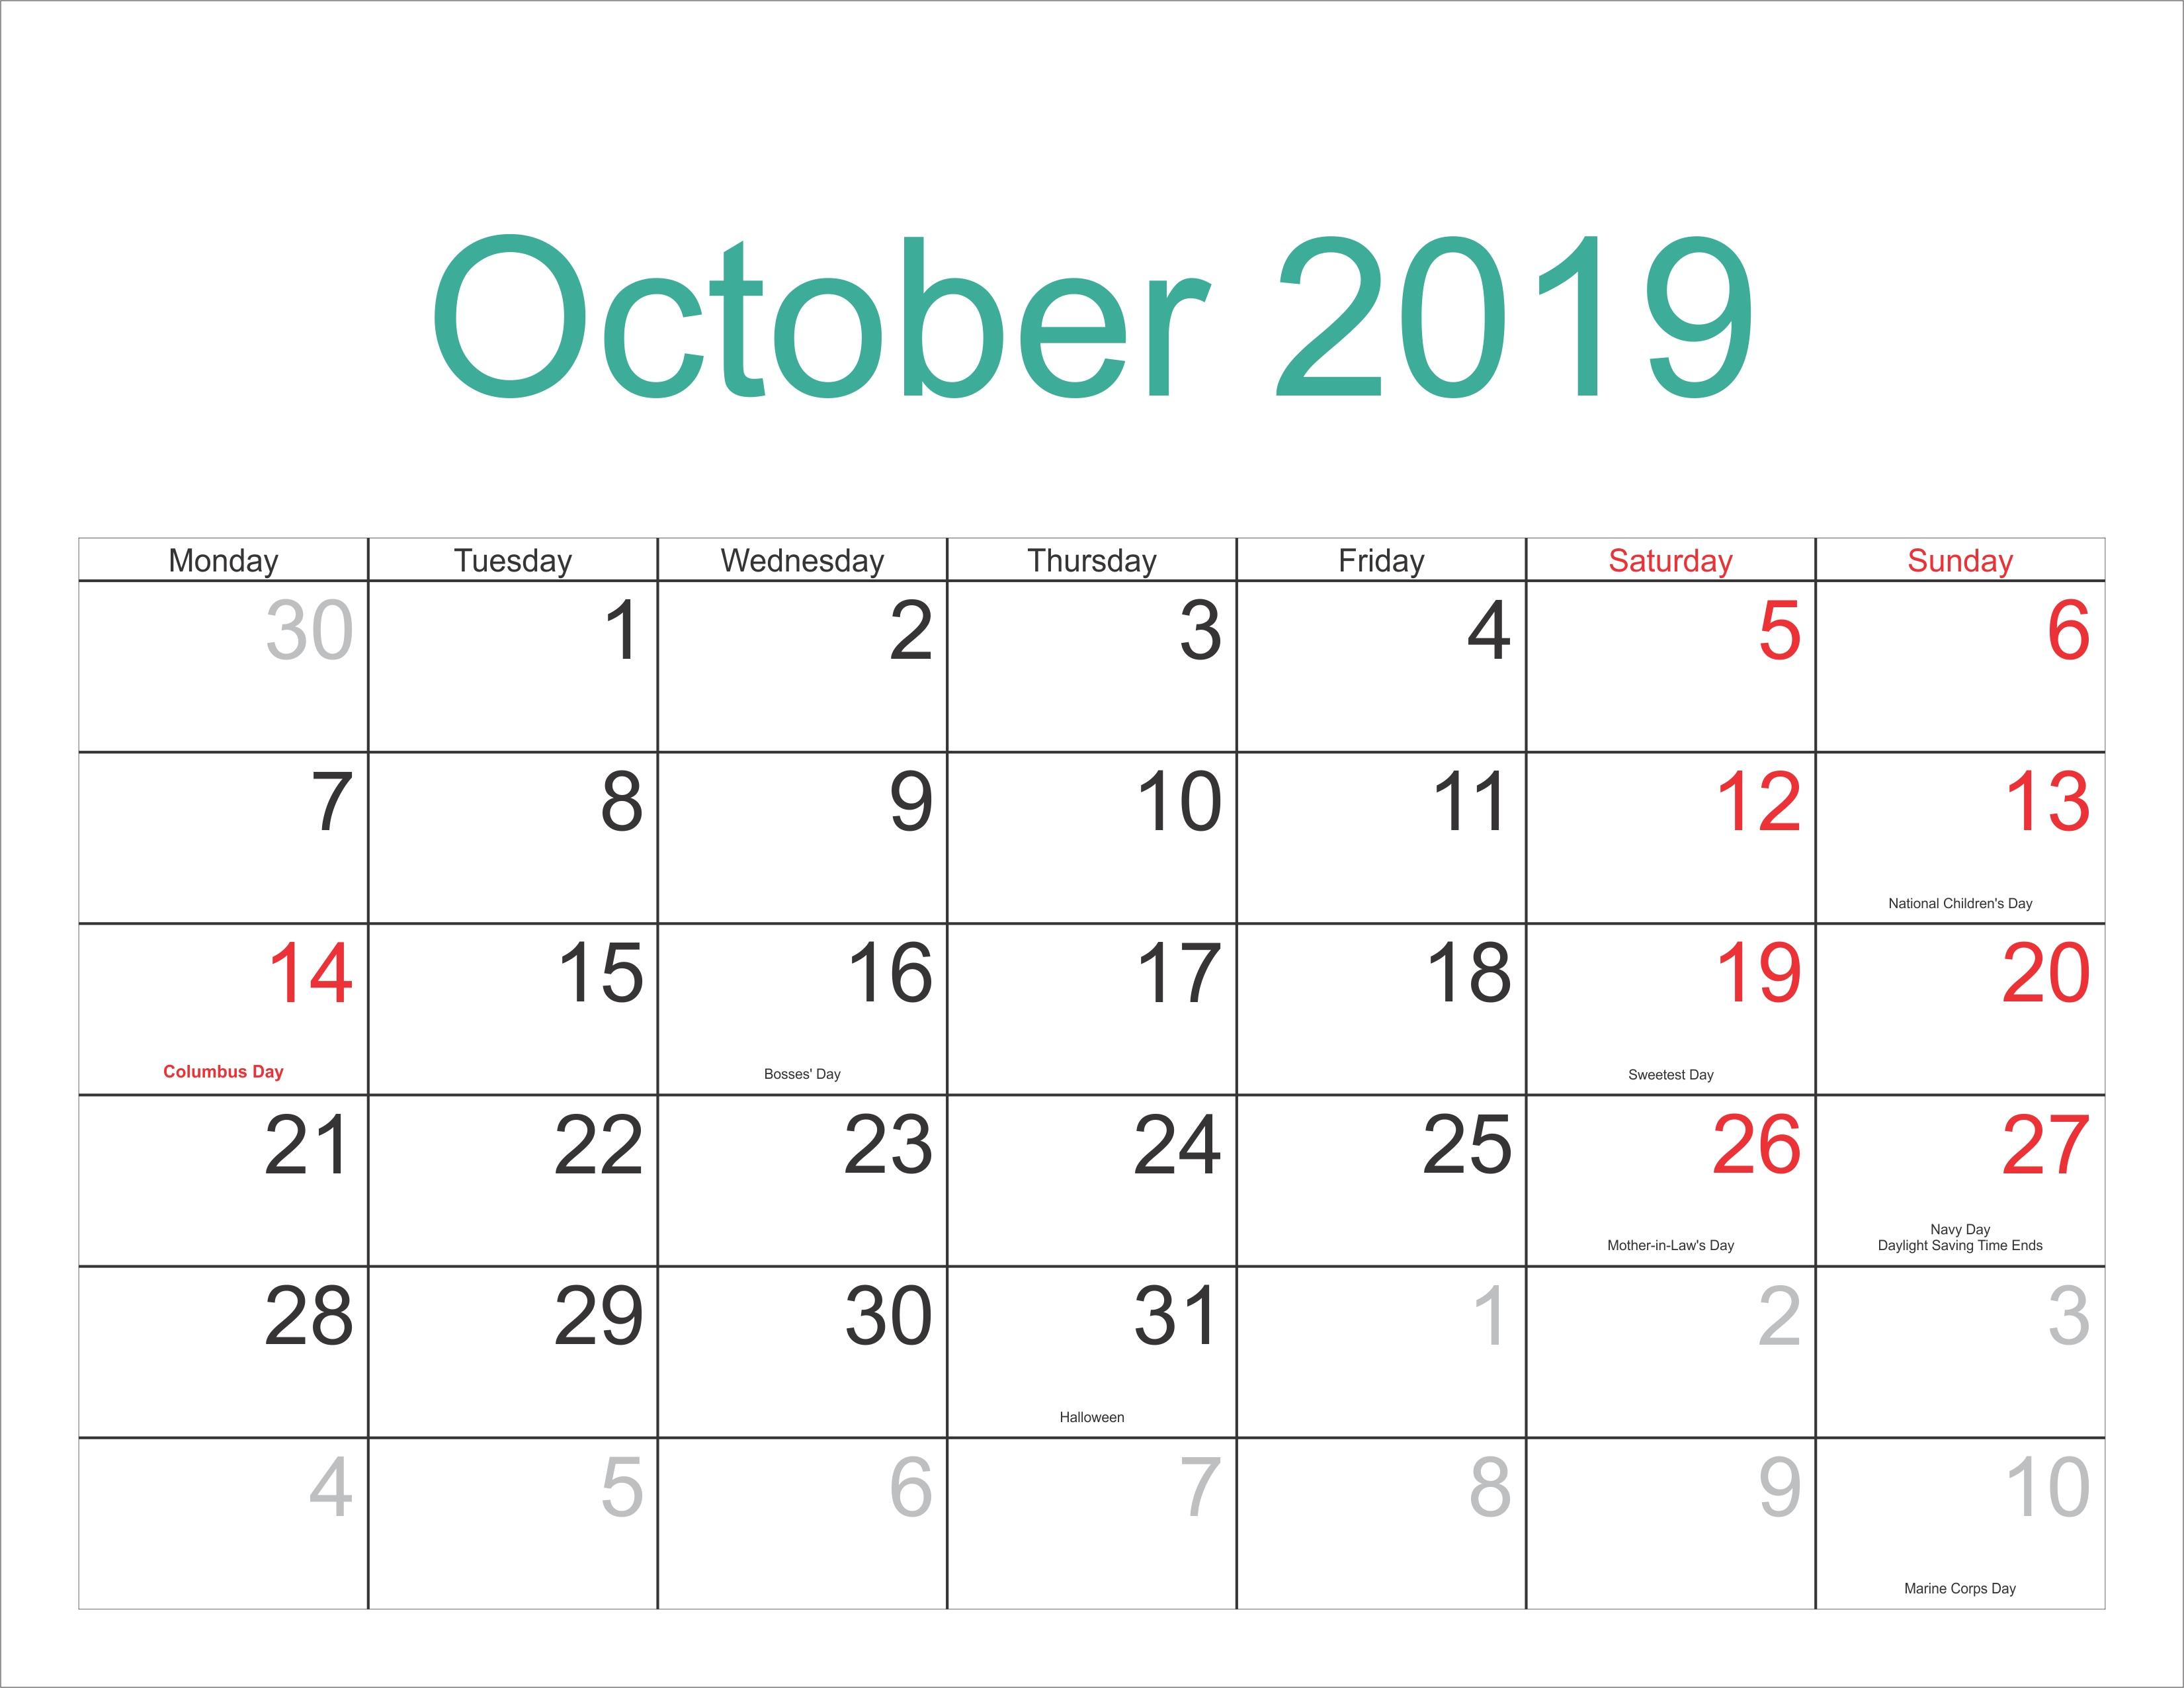 October 2019 Excel Calendar - October 2018 Printable Calendar Calendar 2019 Excel Editable